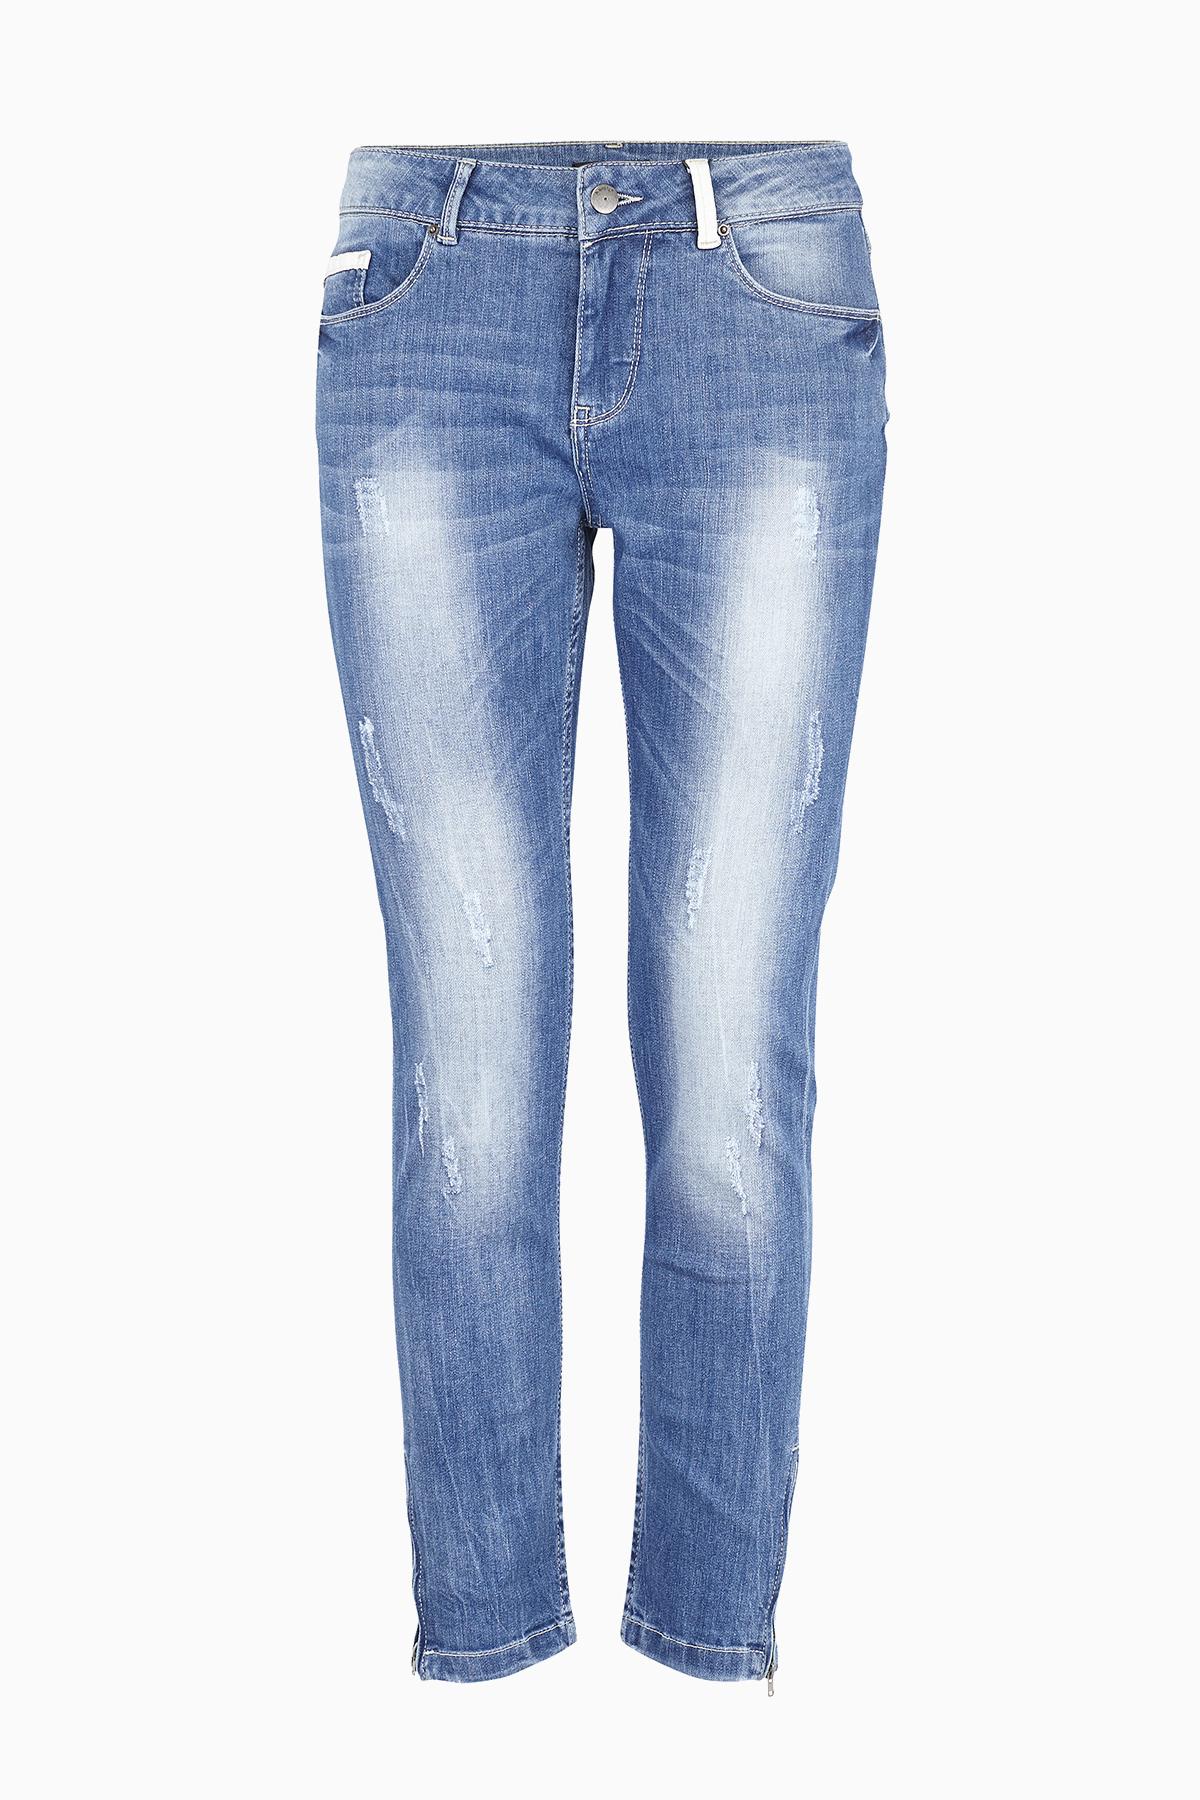 Indigoblau Jeans von b.young – Kaufen Sie Indigoblau Jeans aus Größe 25-36 hier